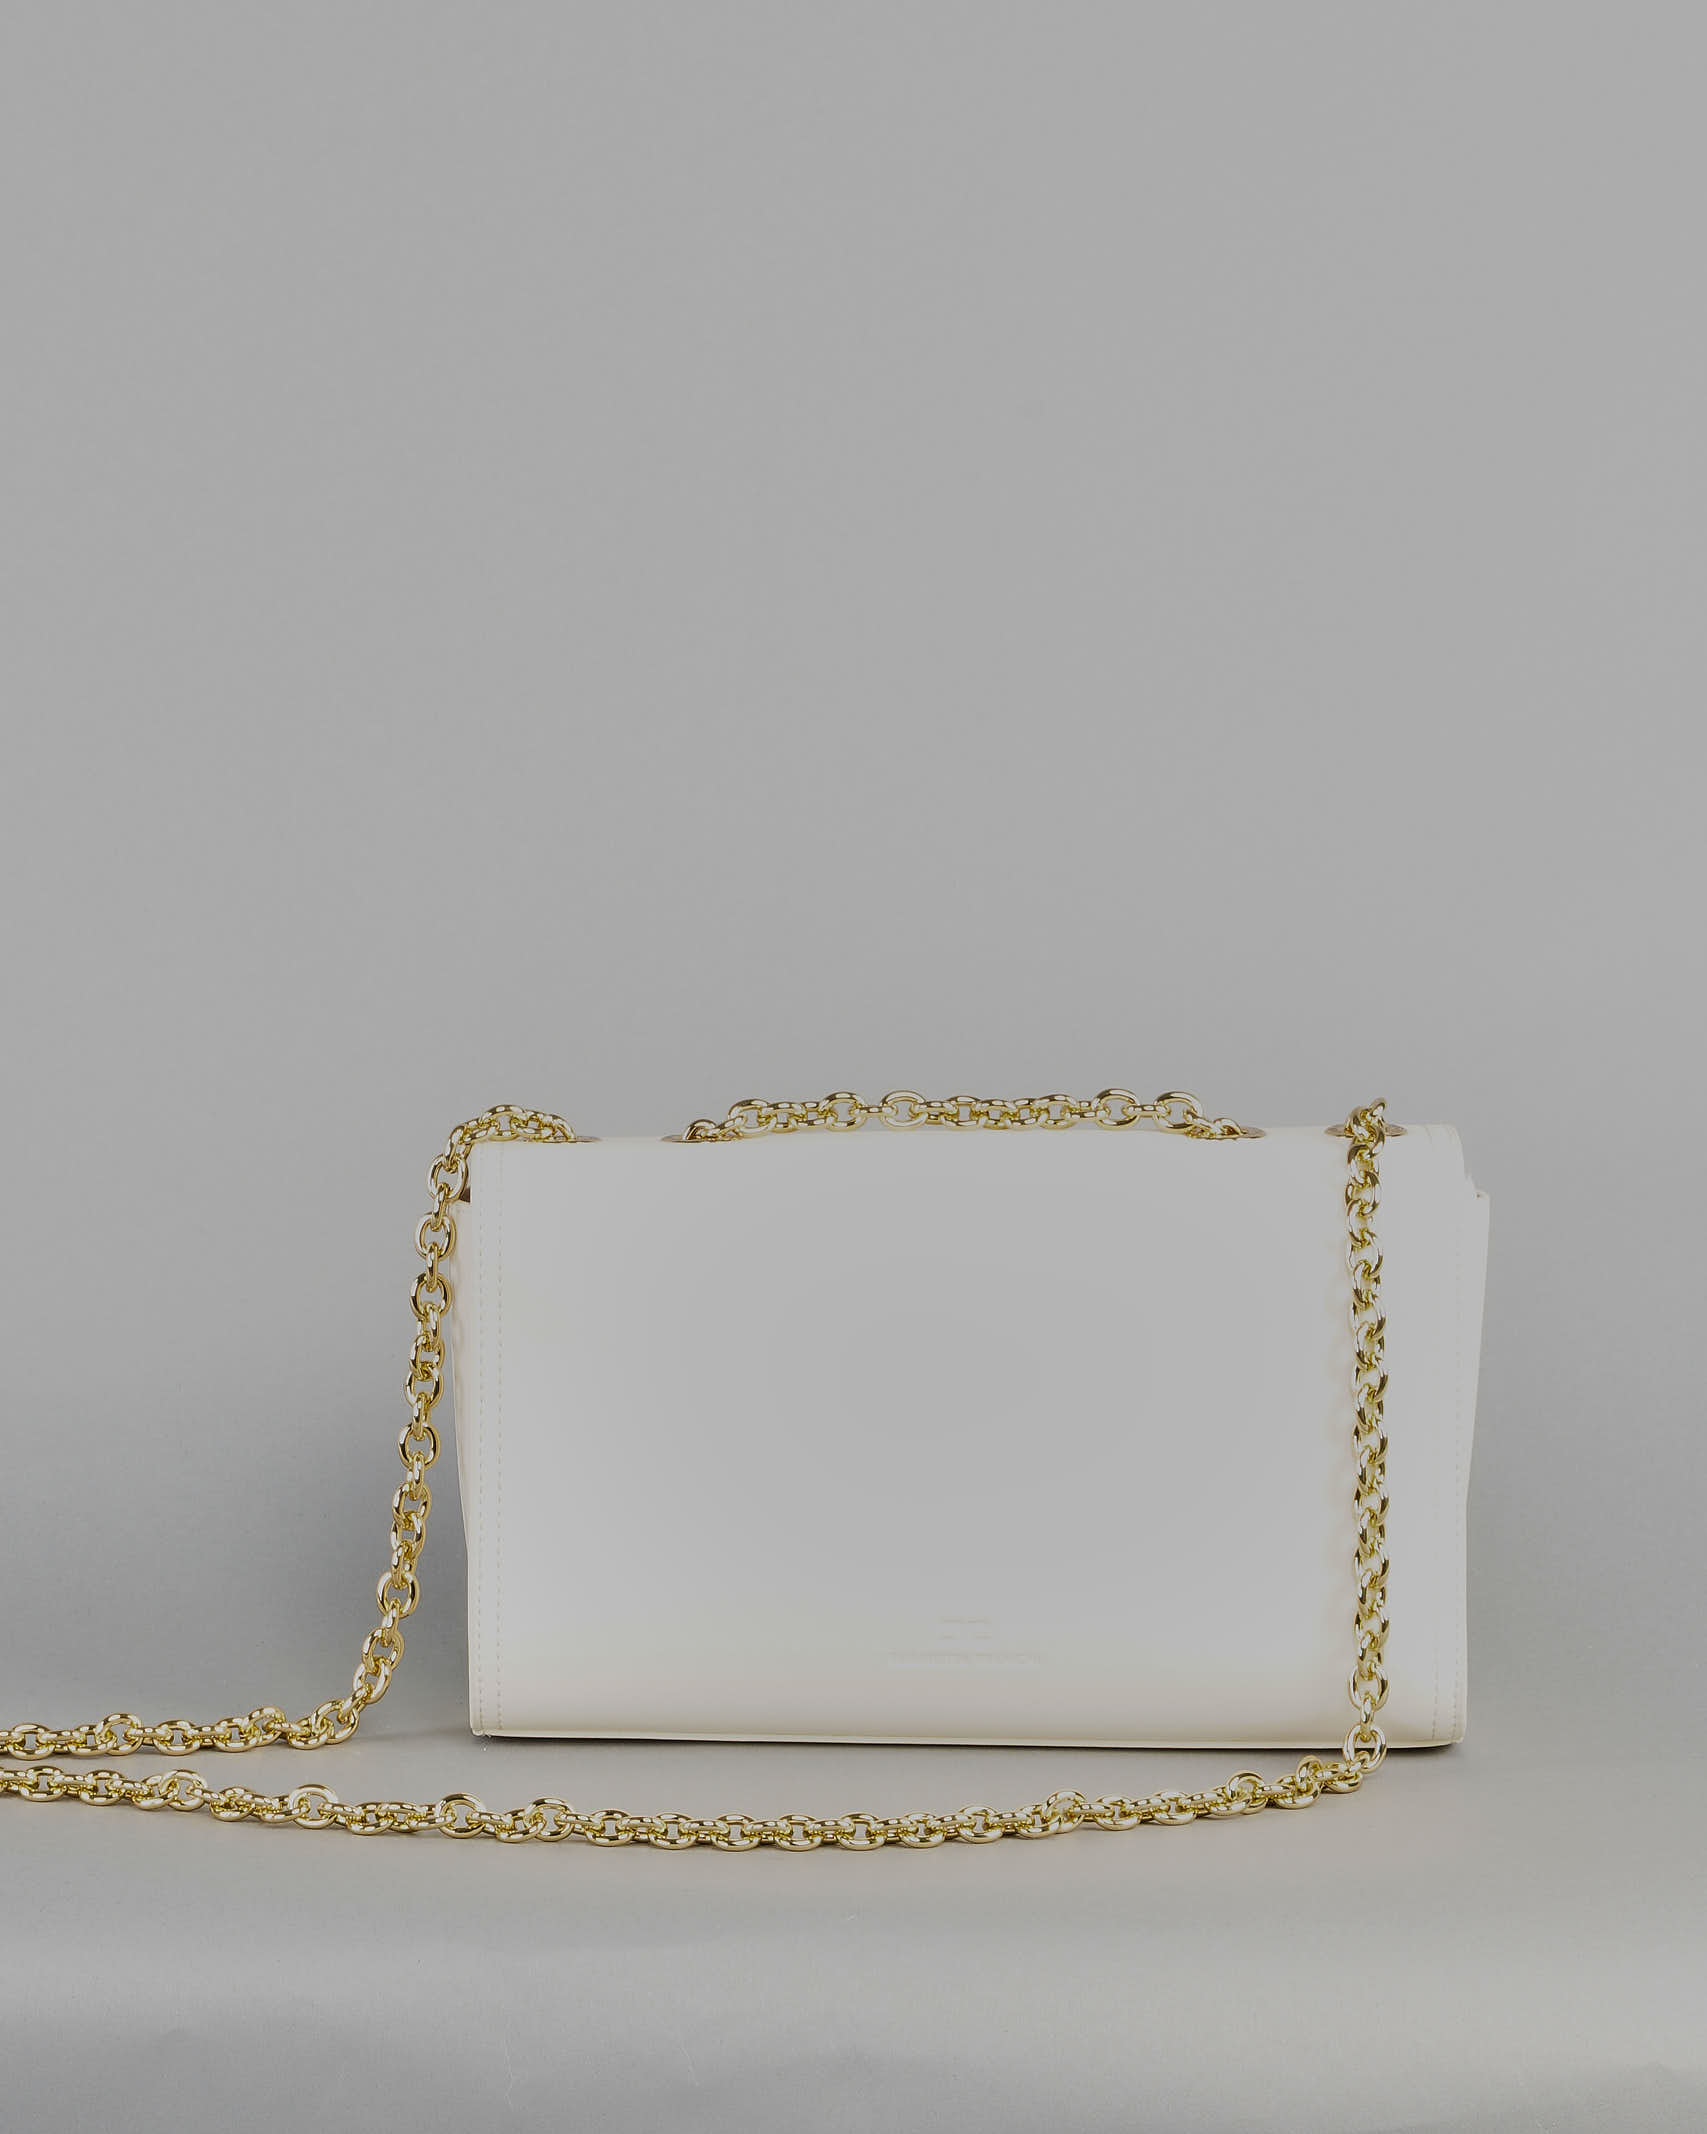 Borsa media con morsetto light gold Elisabetta Franchi ELISABETTA FRANCHI | Borsa | BS08A11E2193